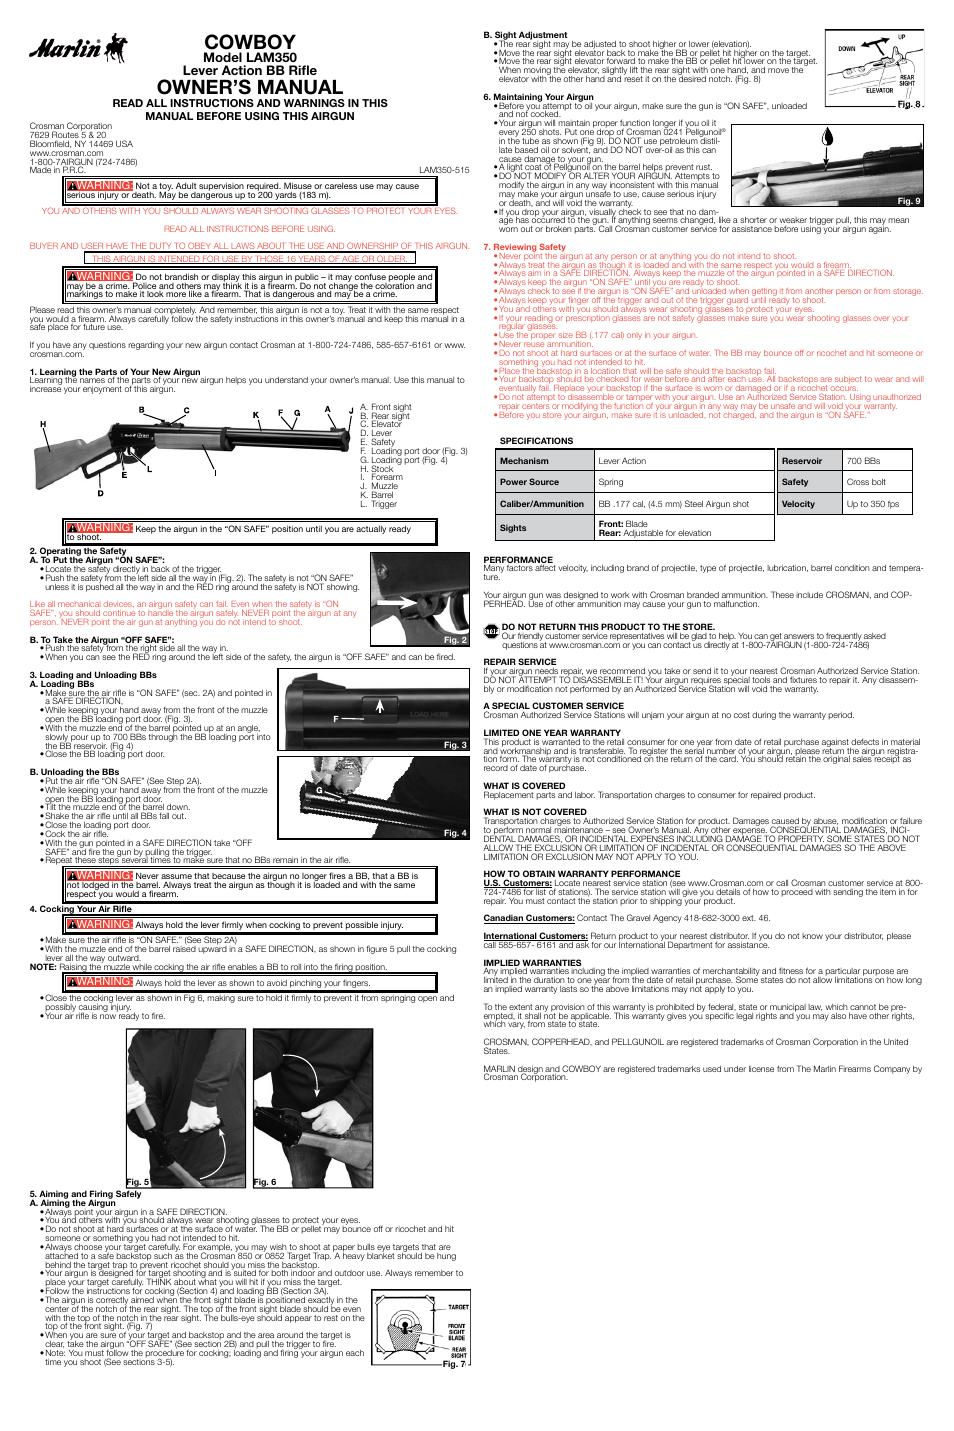 Crosman LAM350 User Manual | 3 pages